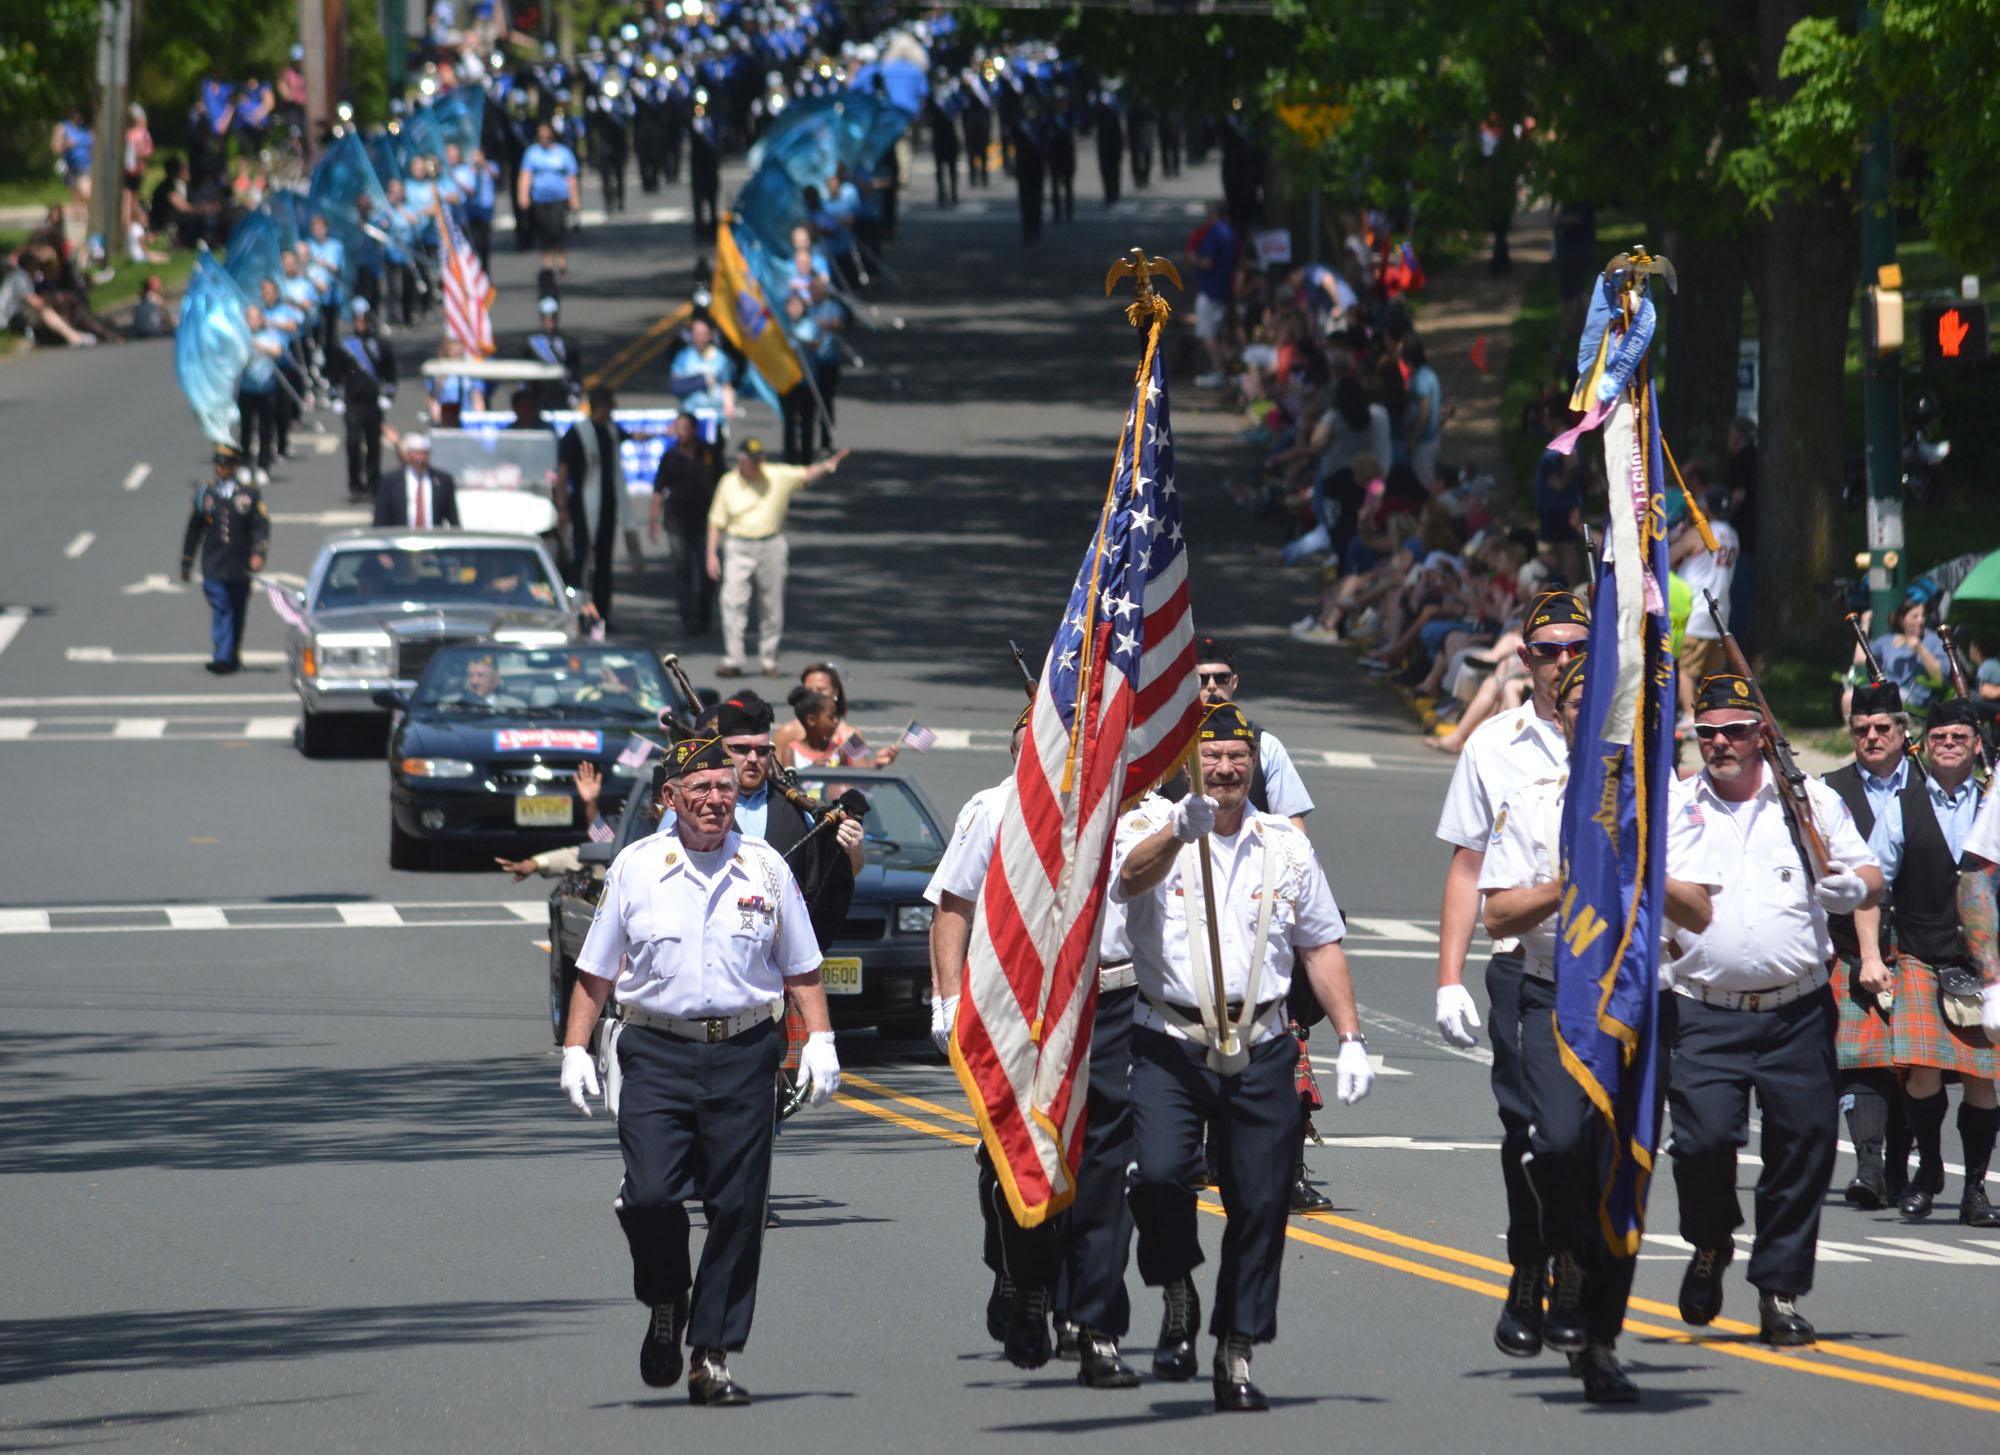 31086b9c13485ba4724e_Memorial_Day_Parade_-_Horton_photo.jpg